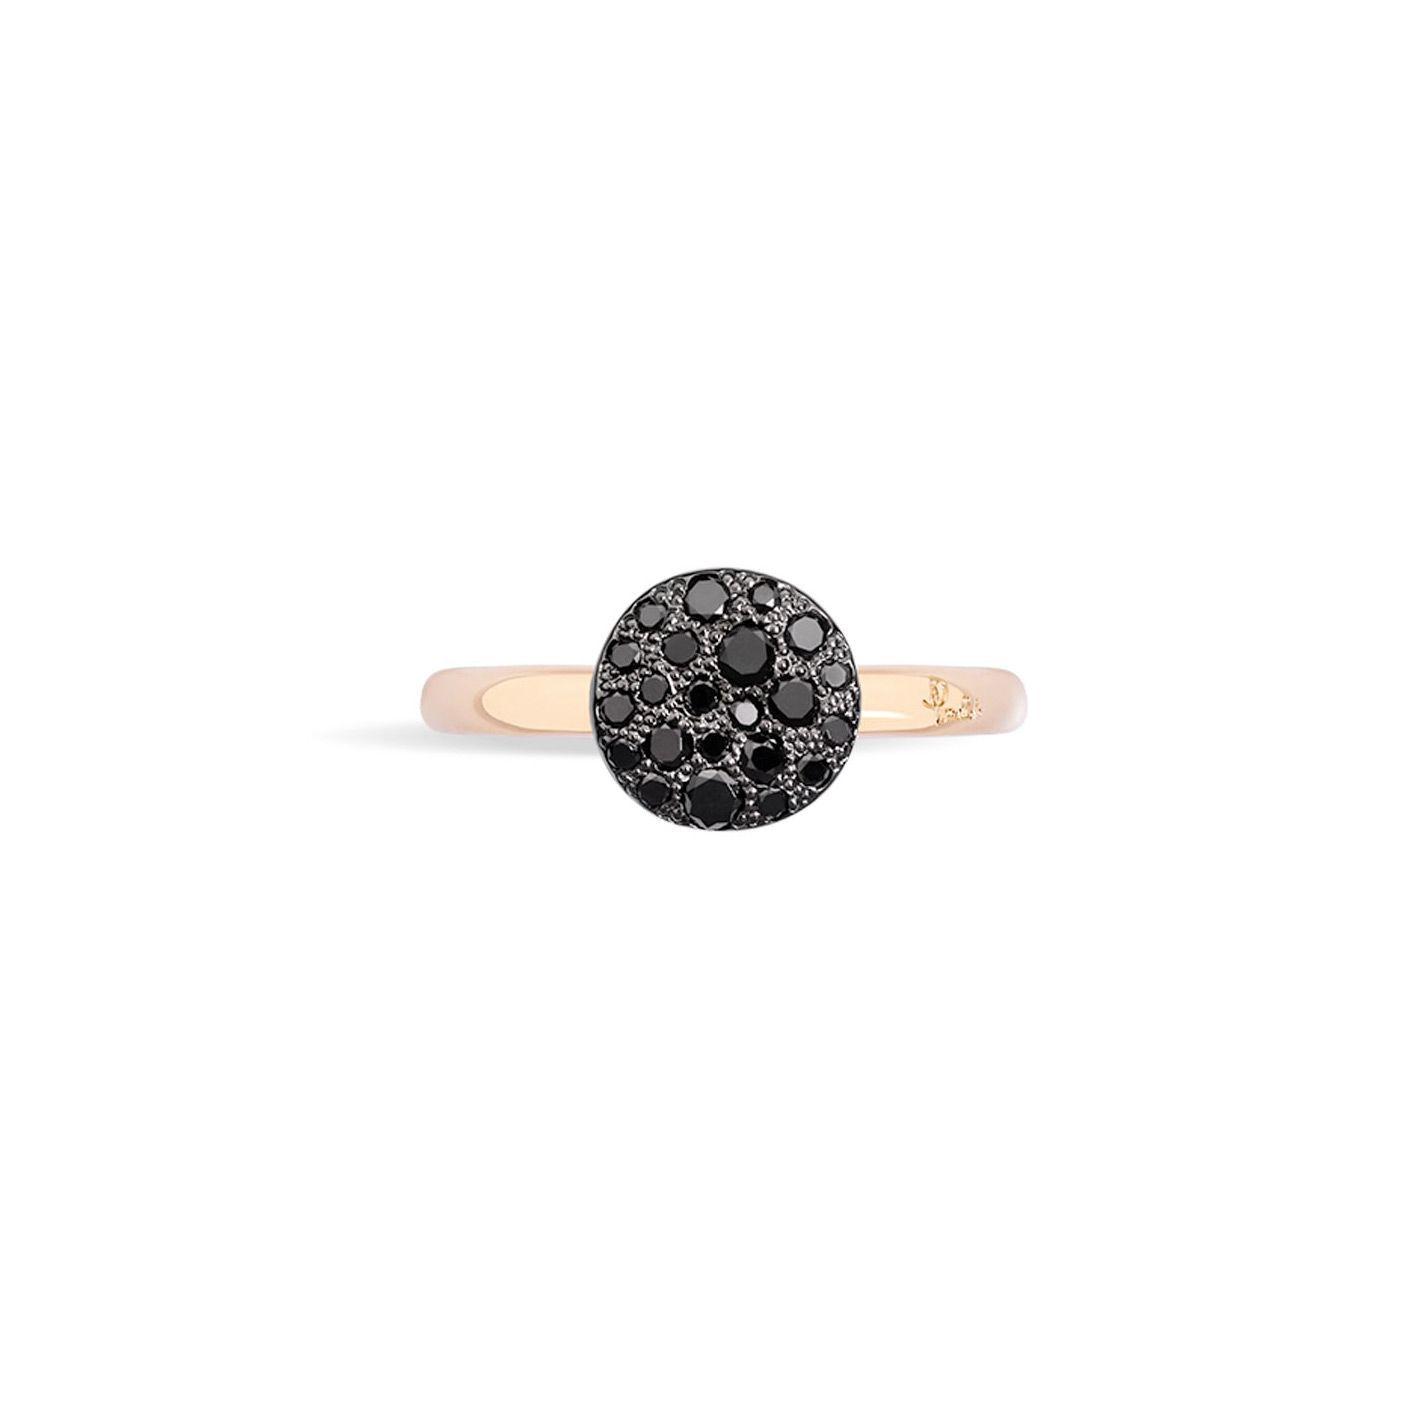 Bague Pomellato Sabbia petit modèle en Or rose et Diamant noir vue 3